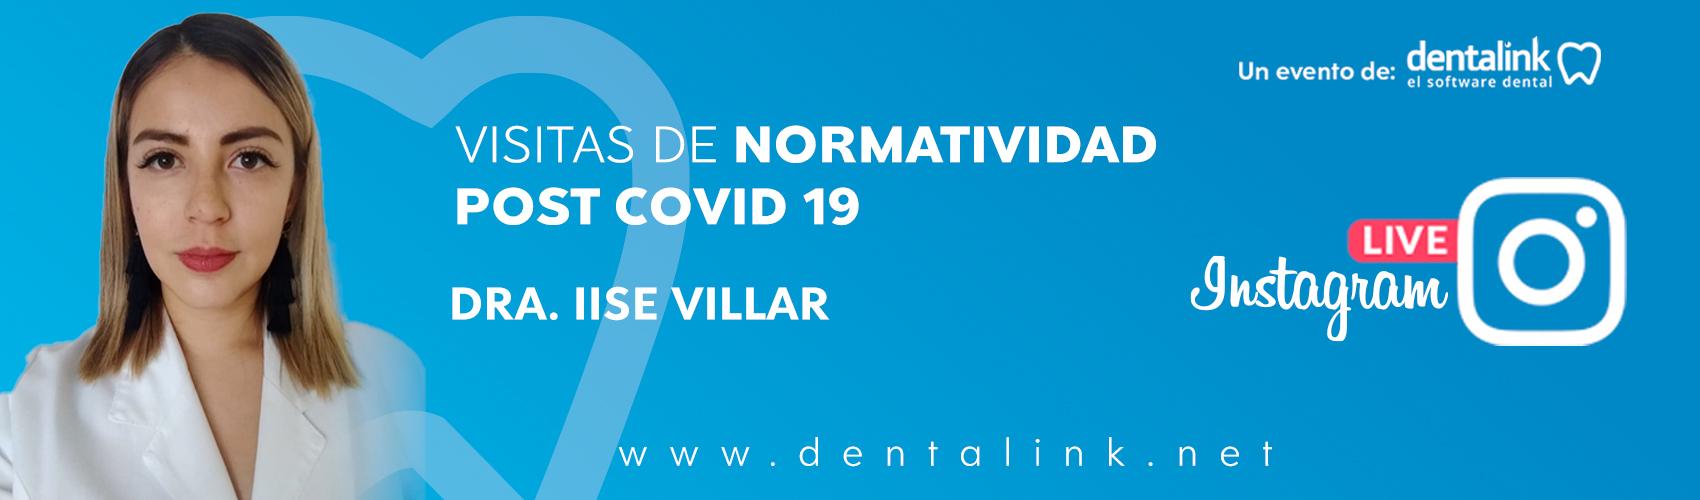 IG LIVE: Visitas de Normatividad Post COVID-19